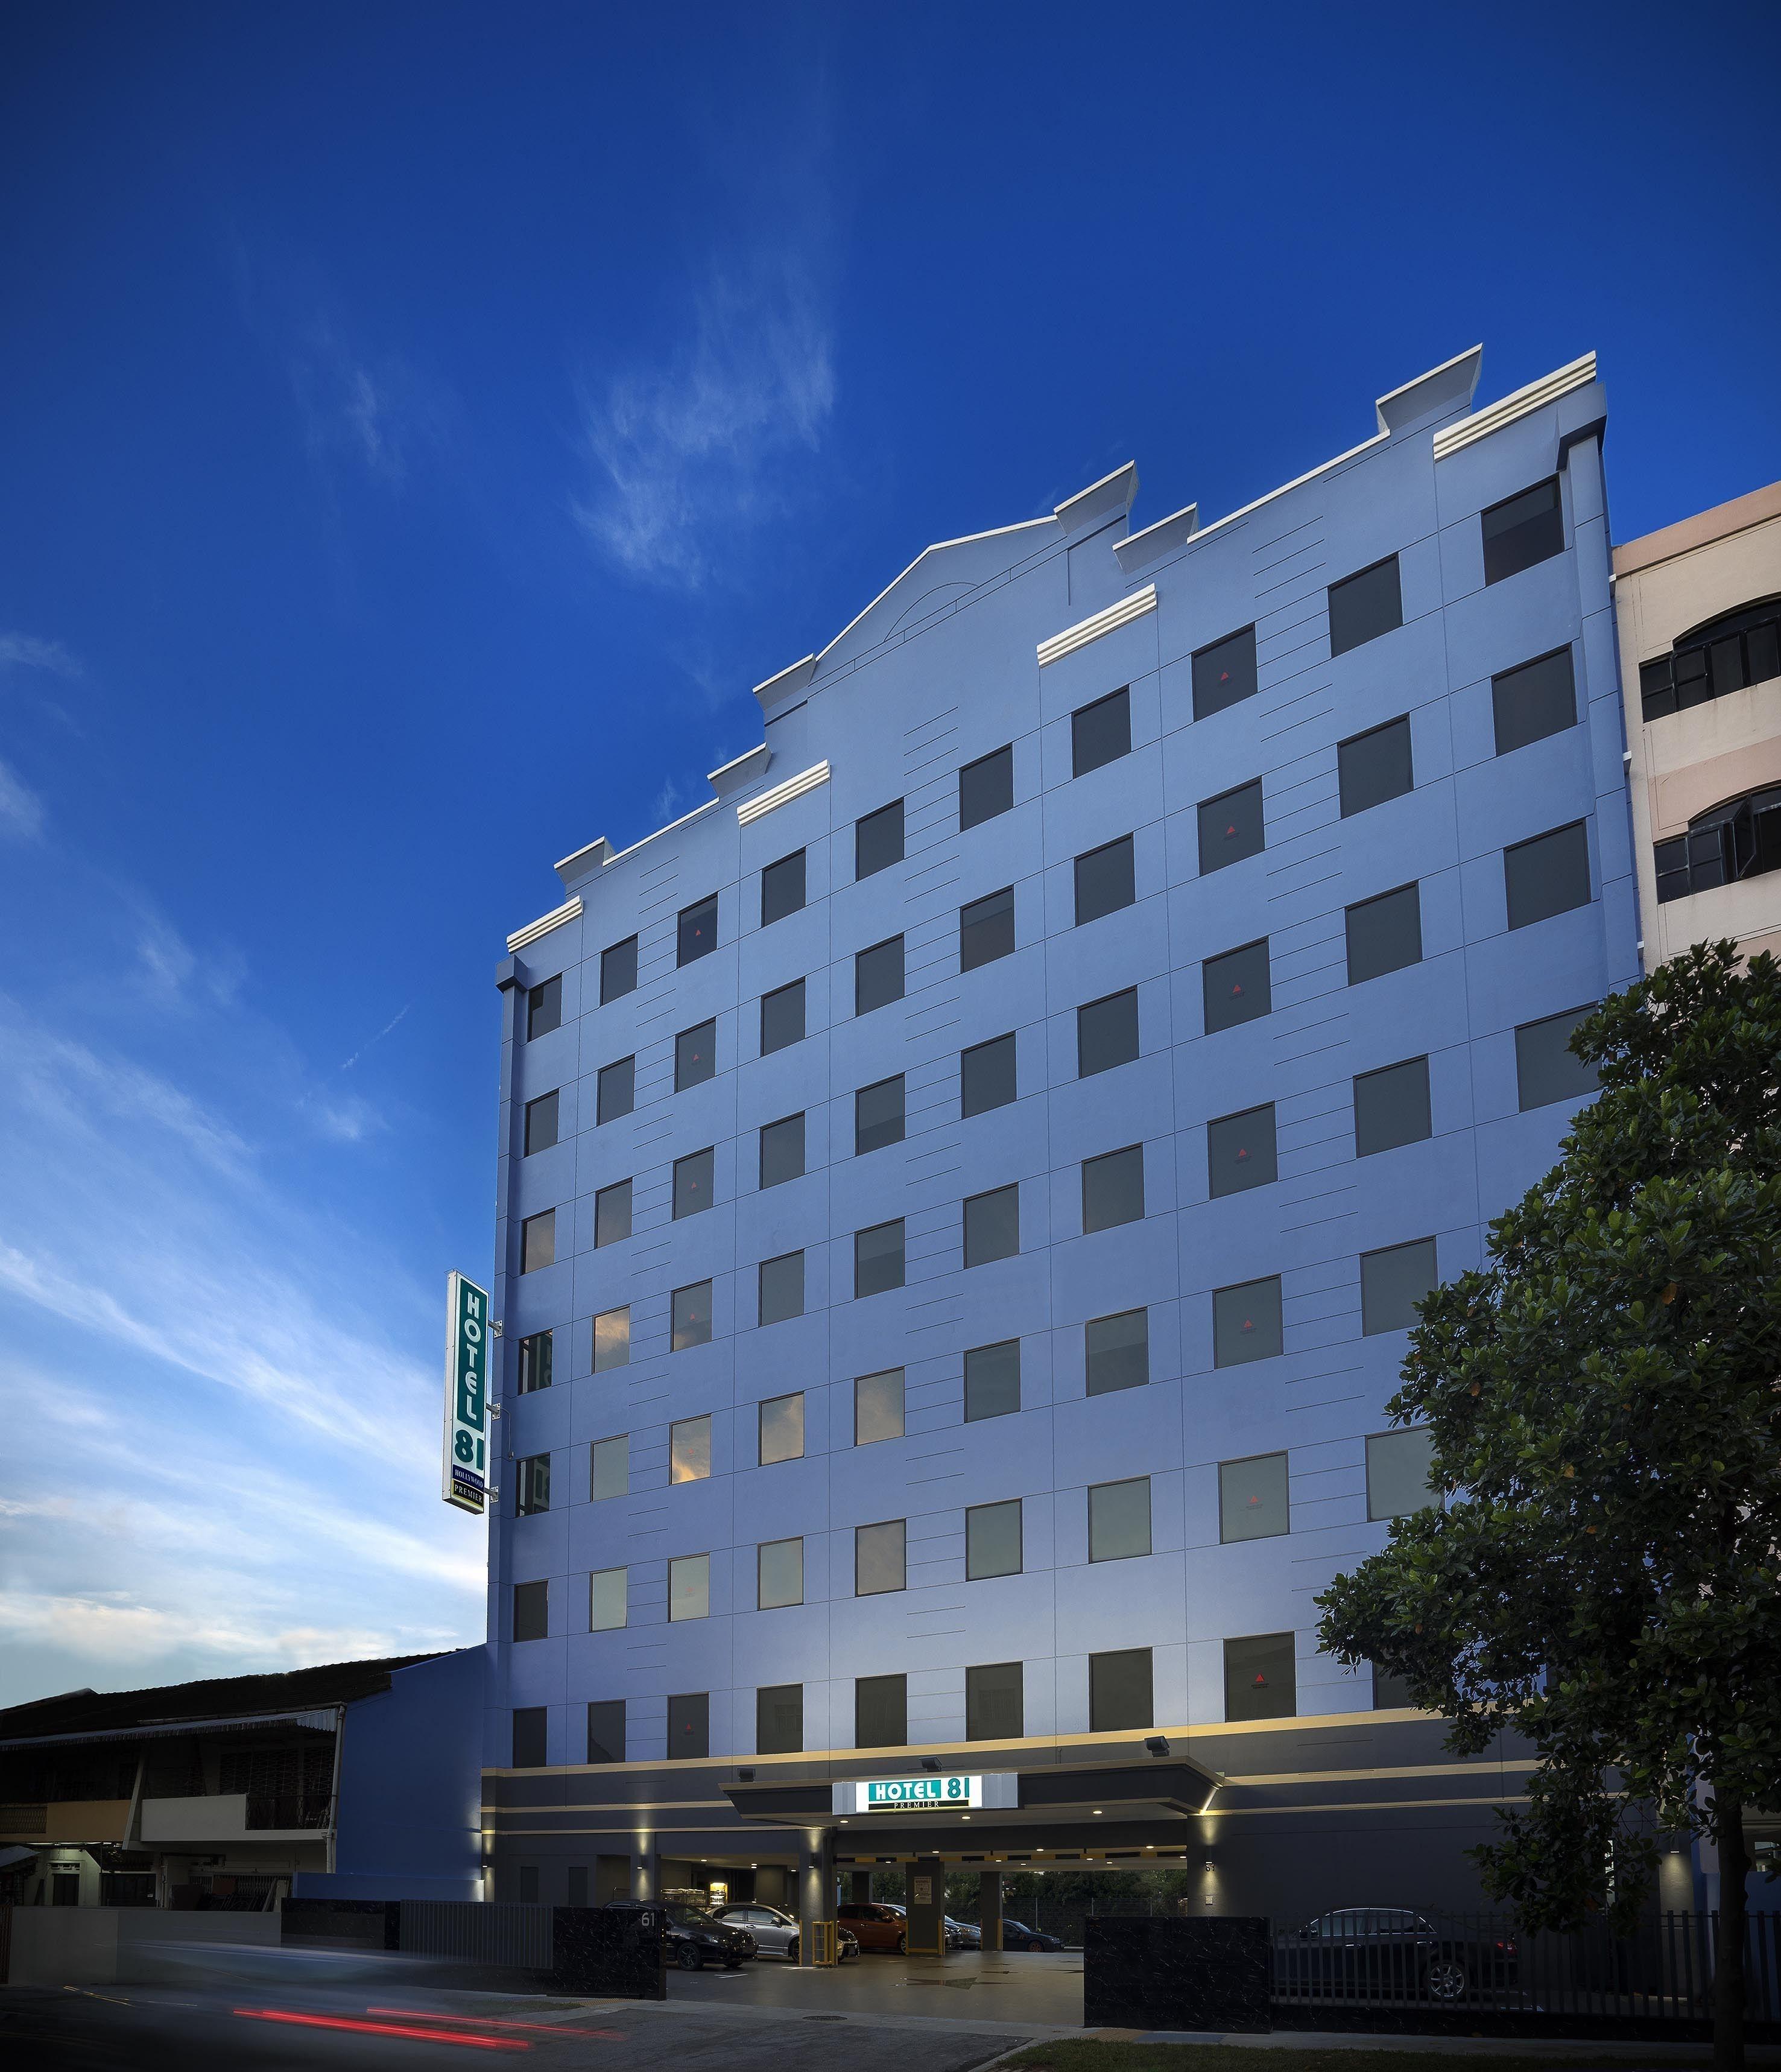 Hotel 81 - Hollywood